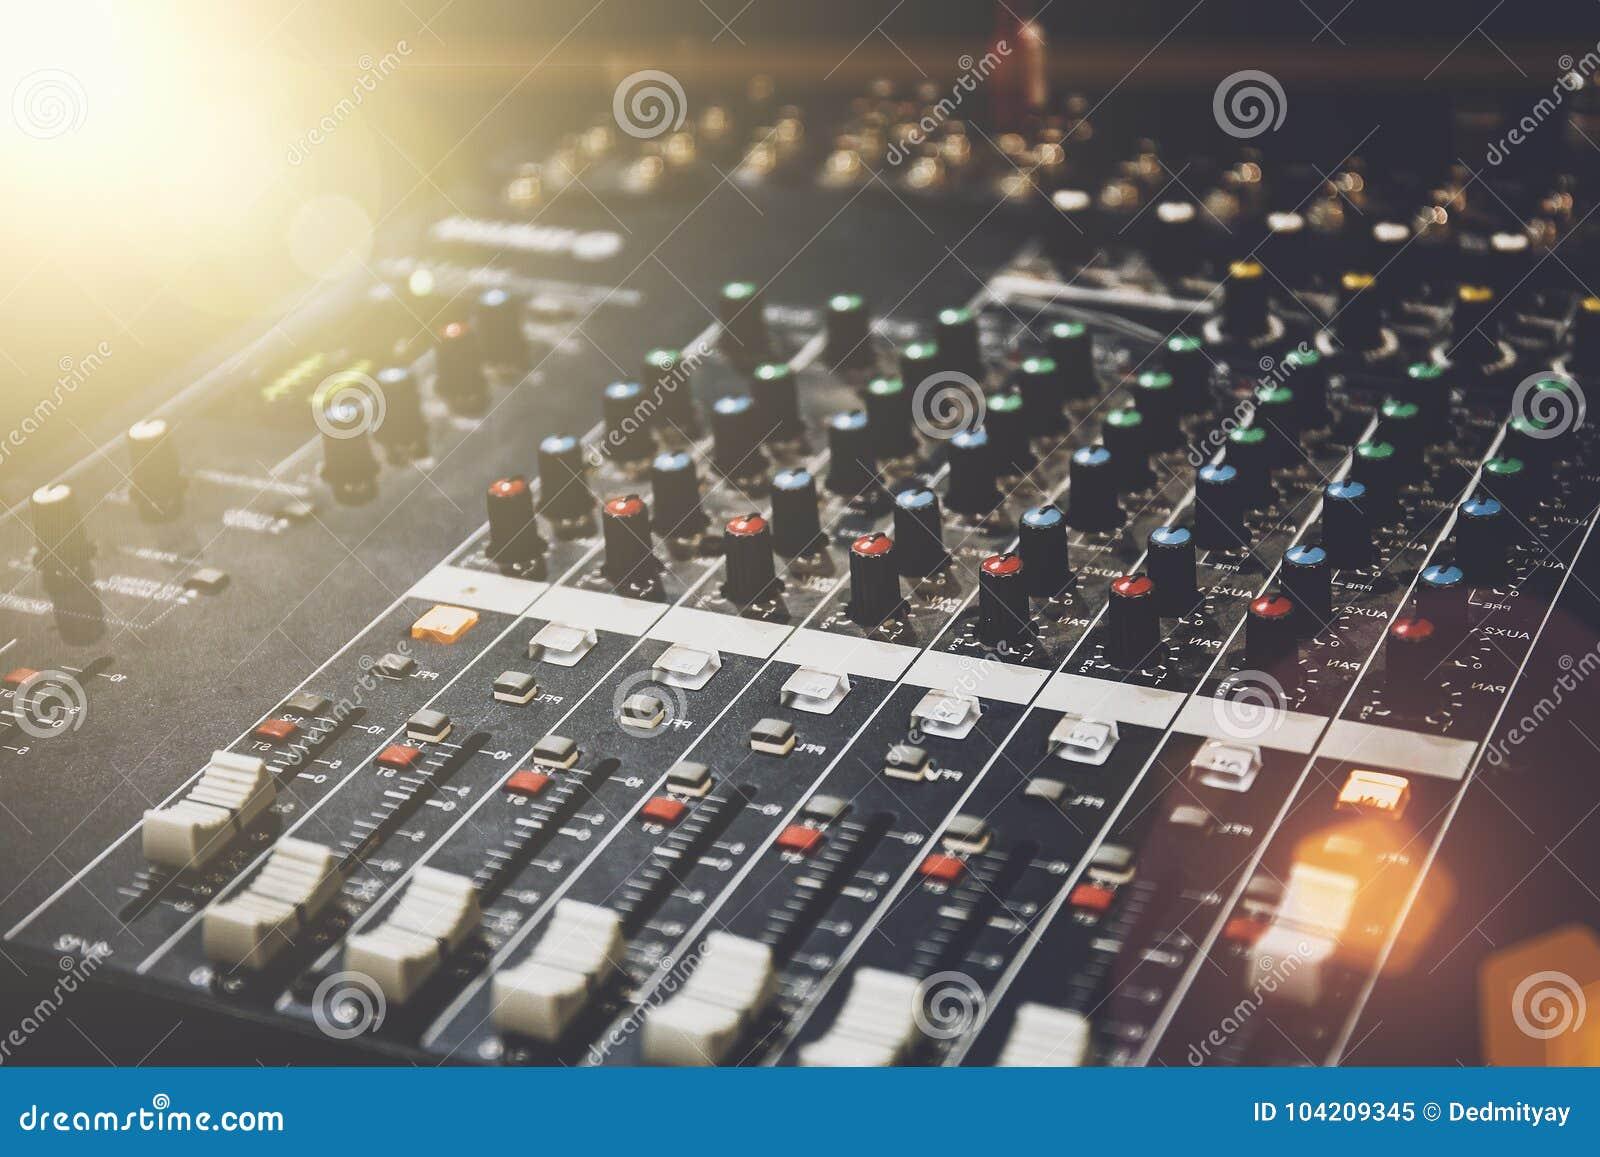 Professionele correcte mixer in studio voor muziek en geluidsopnamemateriaal